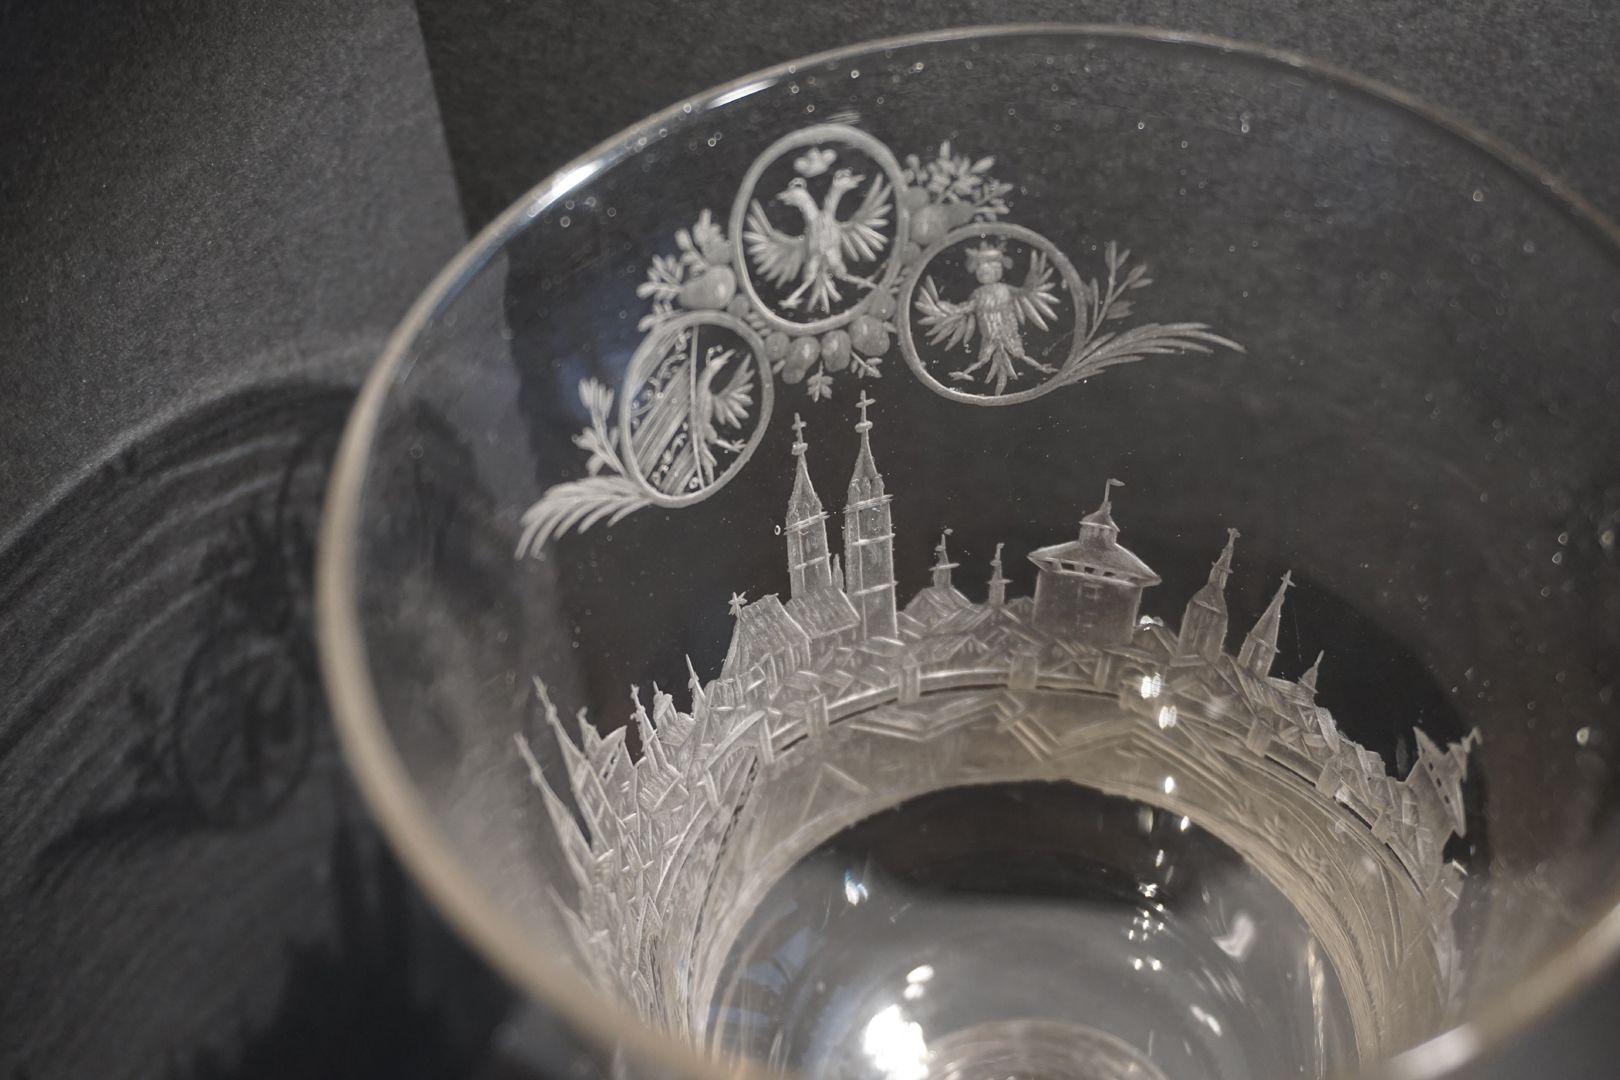 Barocker Glaspokal mit Nürnberg-Panorama Blick in die Pokalrundung